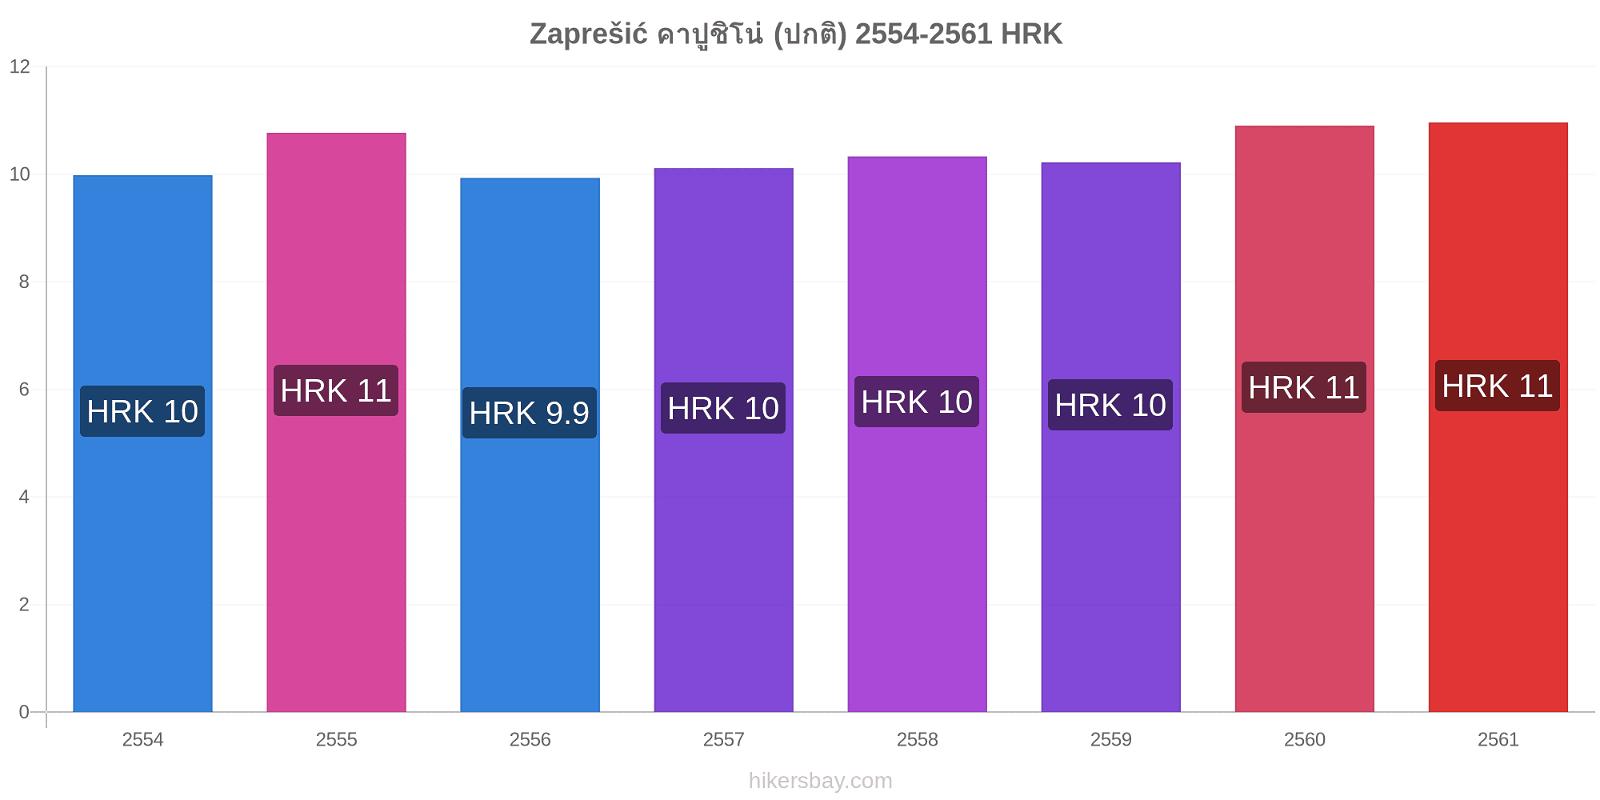 Zaprešić การเปลี่ยนแปลงราคา คาปูชิโน่ (ปกติ) hikersbay.com